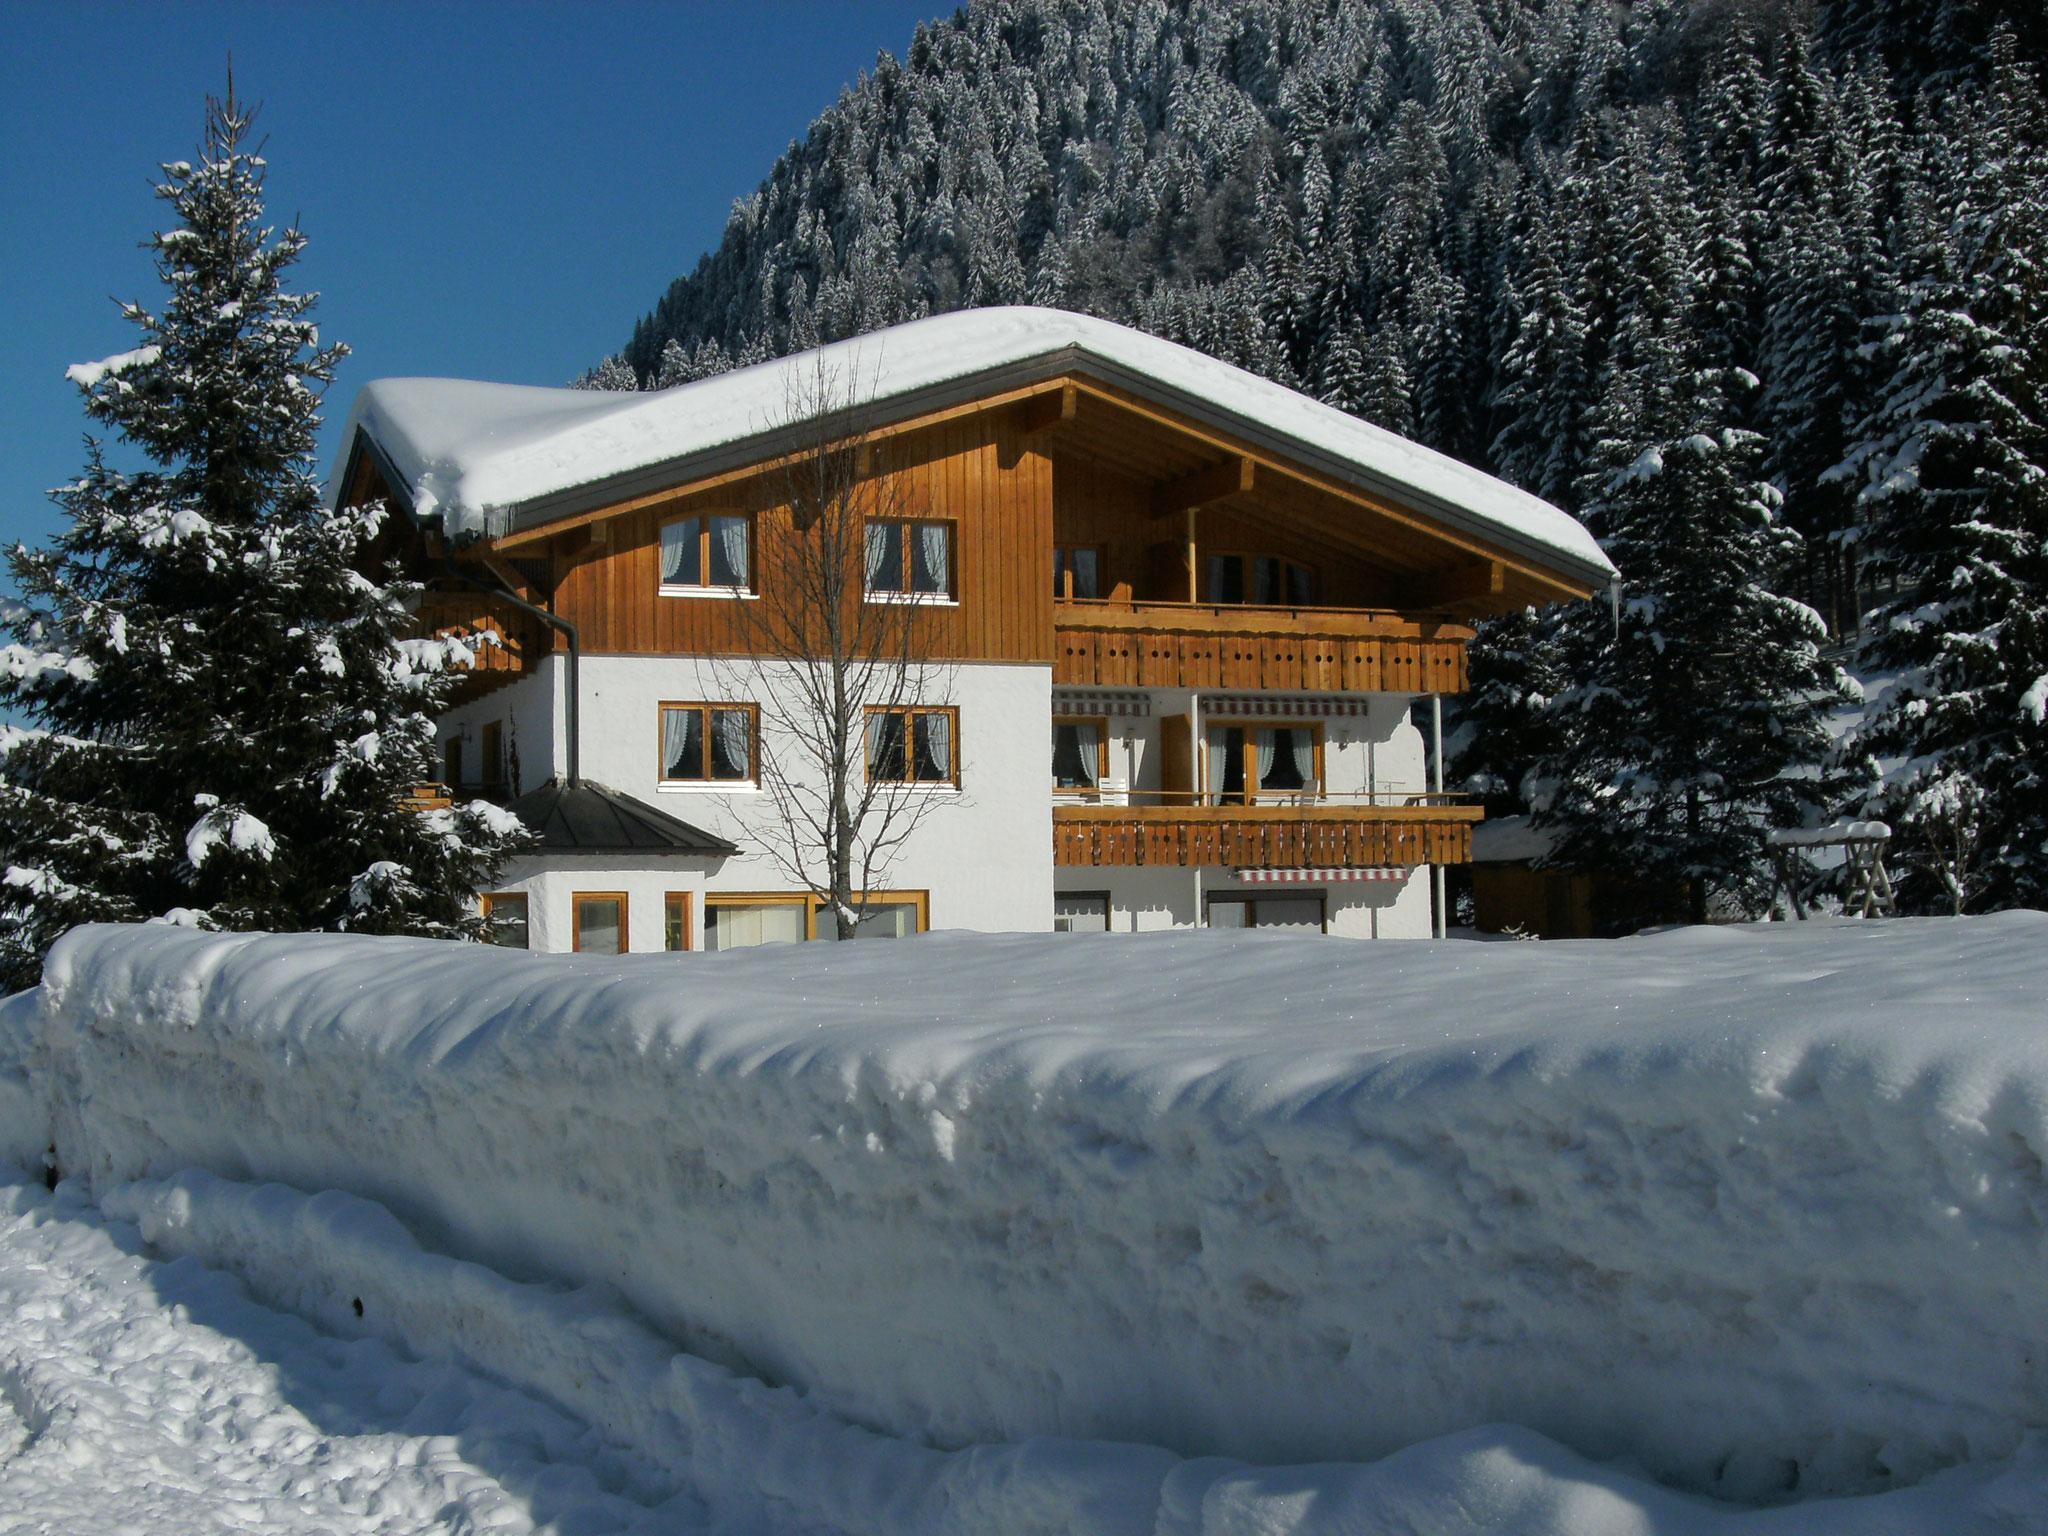 Hilbrand Appartements und Ferienwohnungen - mit viel Schnee